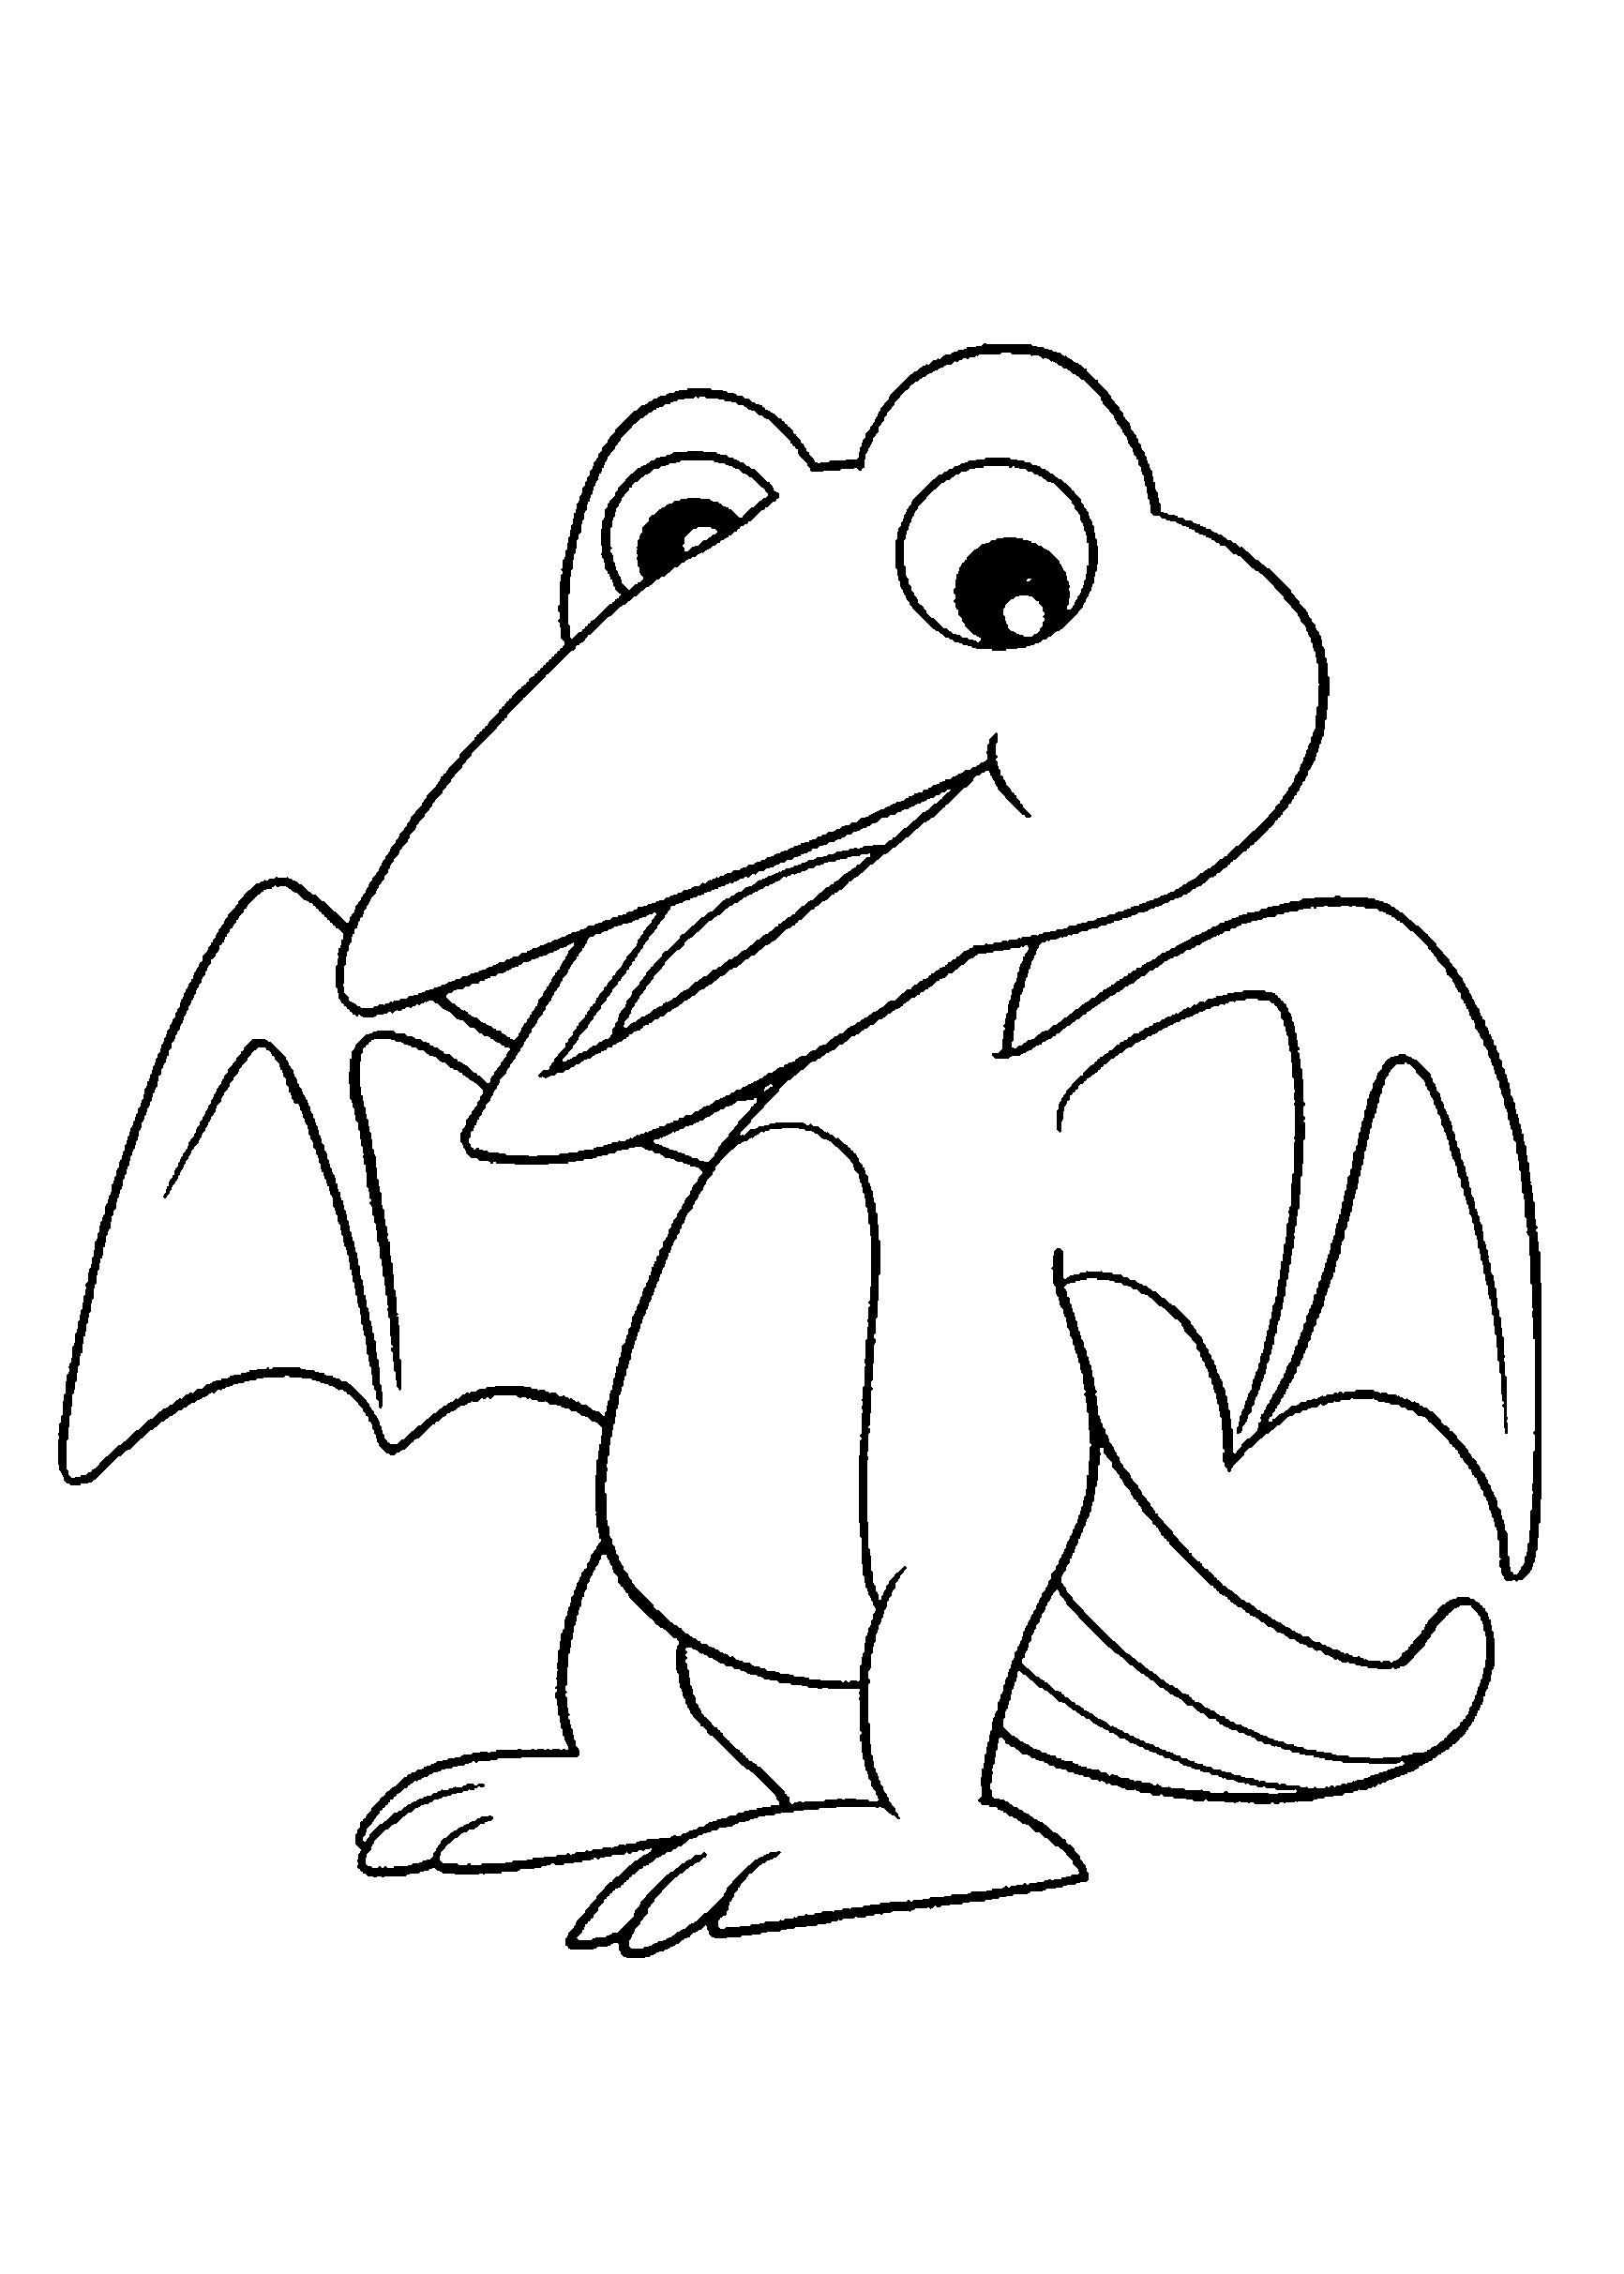 Desenho de Dinossauro bebê com asas